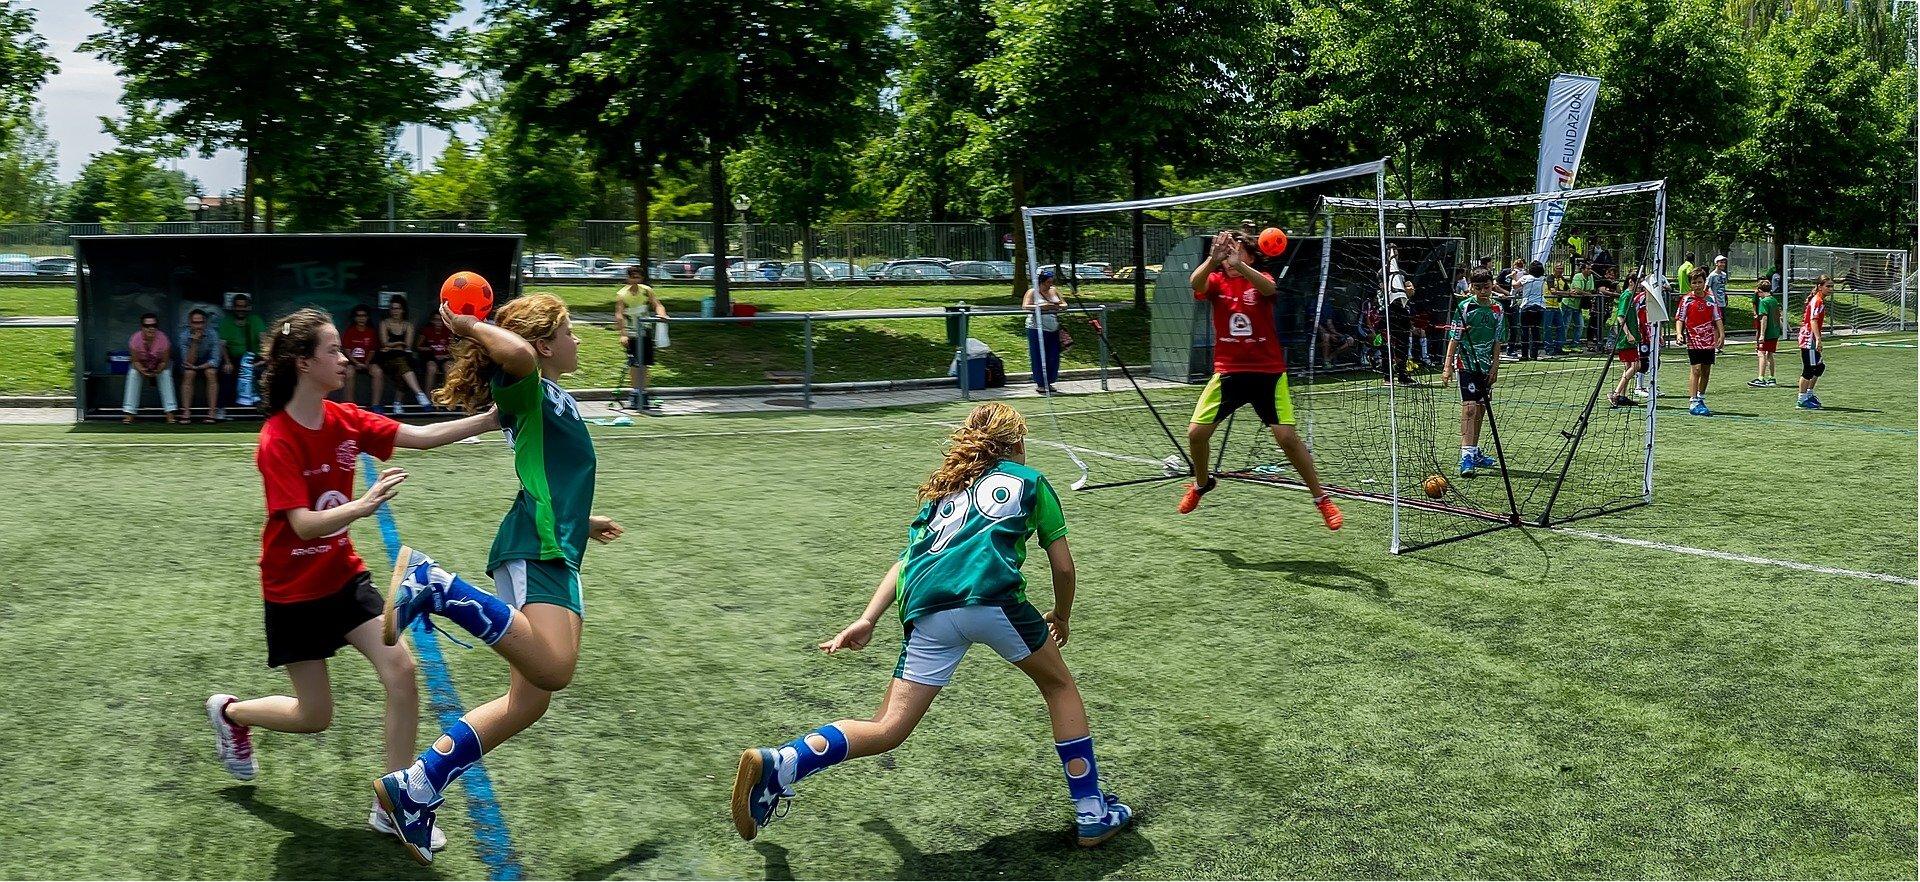 handball-2361778_1920.jpg